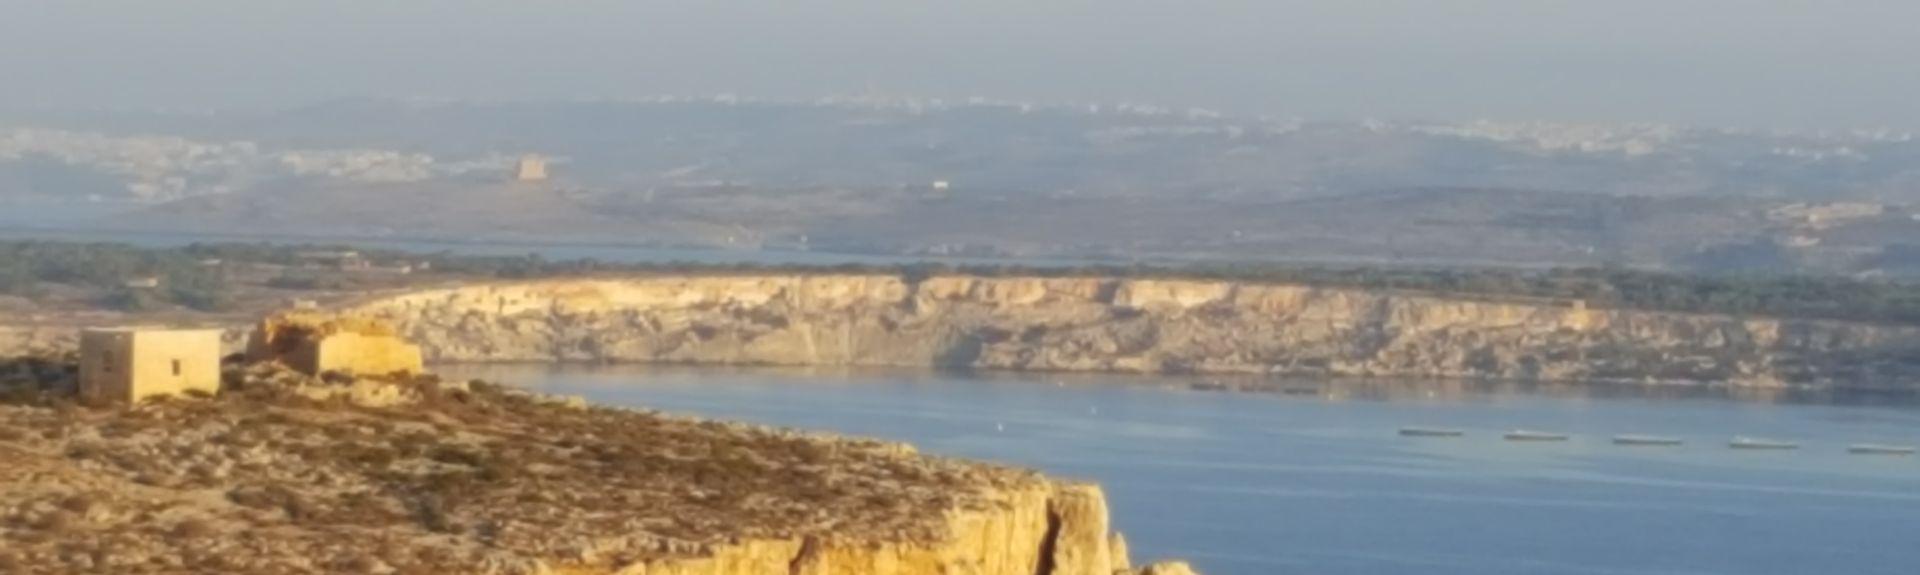 Ix-Xewkija, Malta